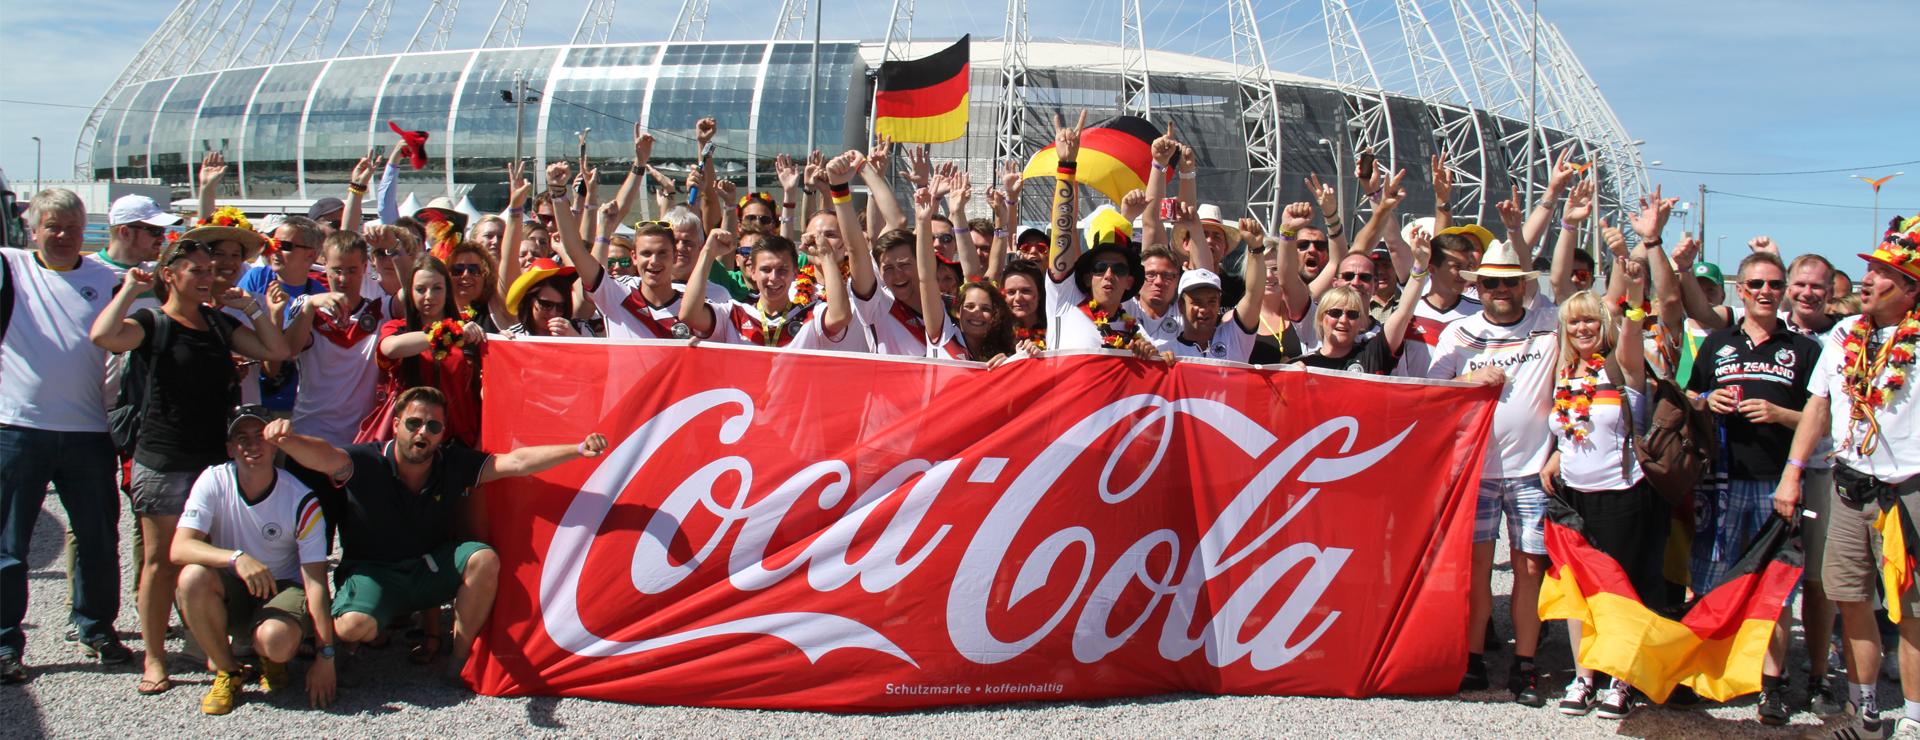 W-com organisiert Gewinnerreisen zur FIFA Fußball-Weltmeisterschaft™ in Brasilien